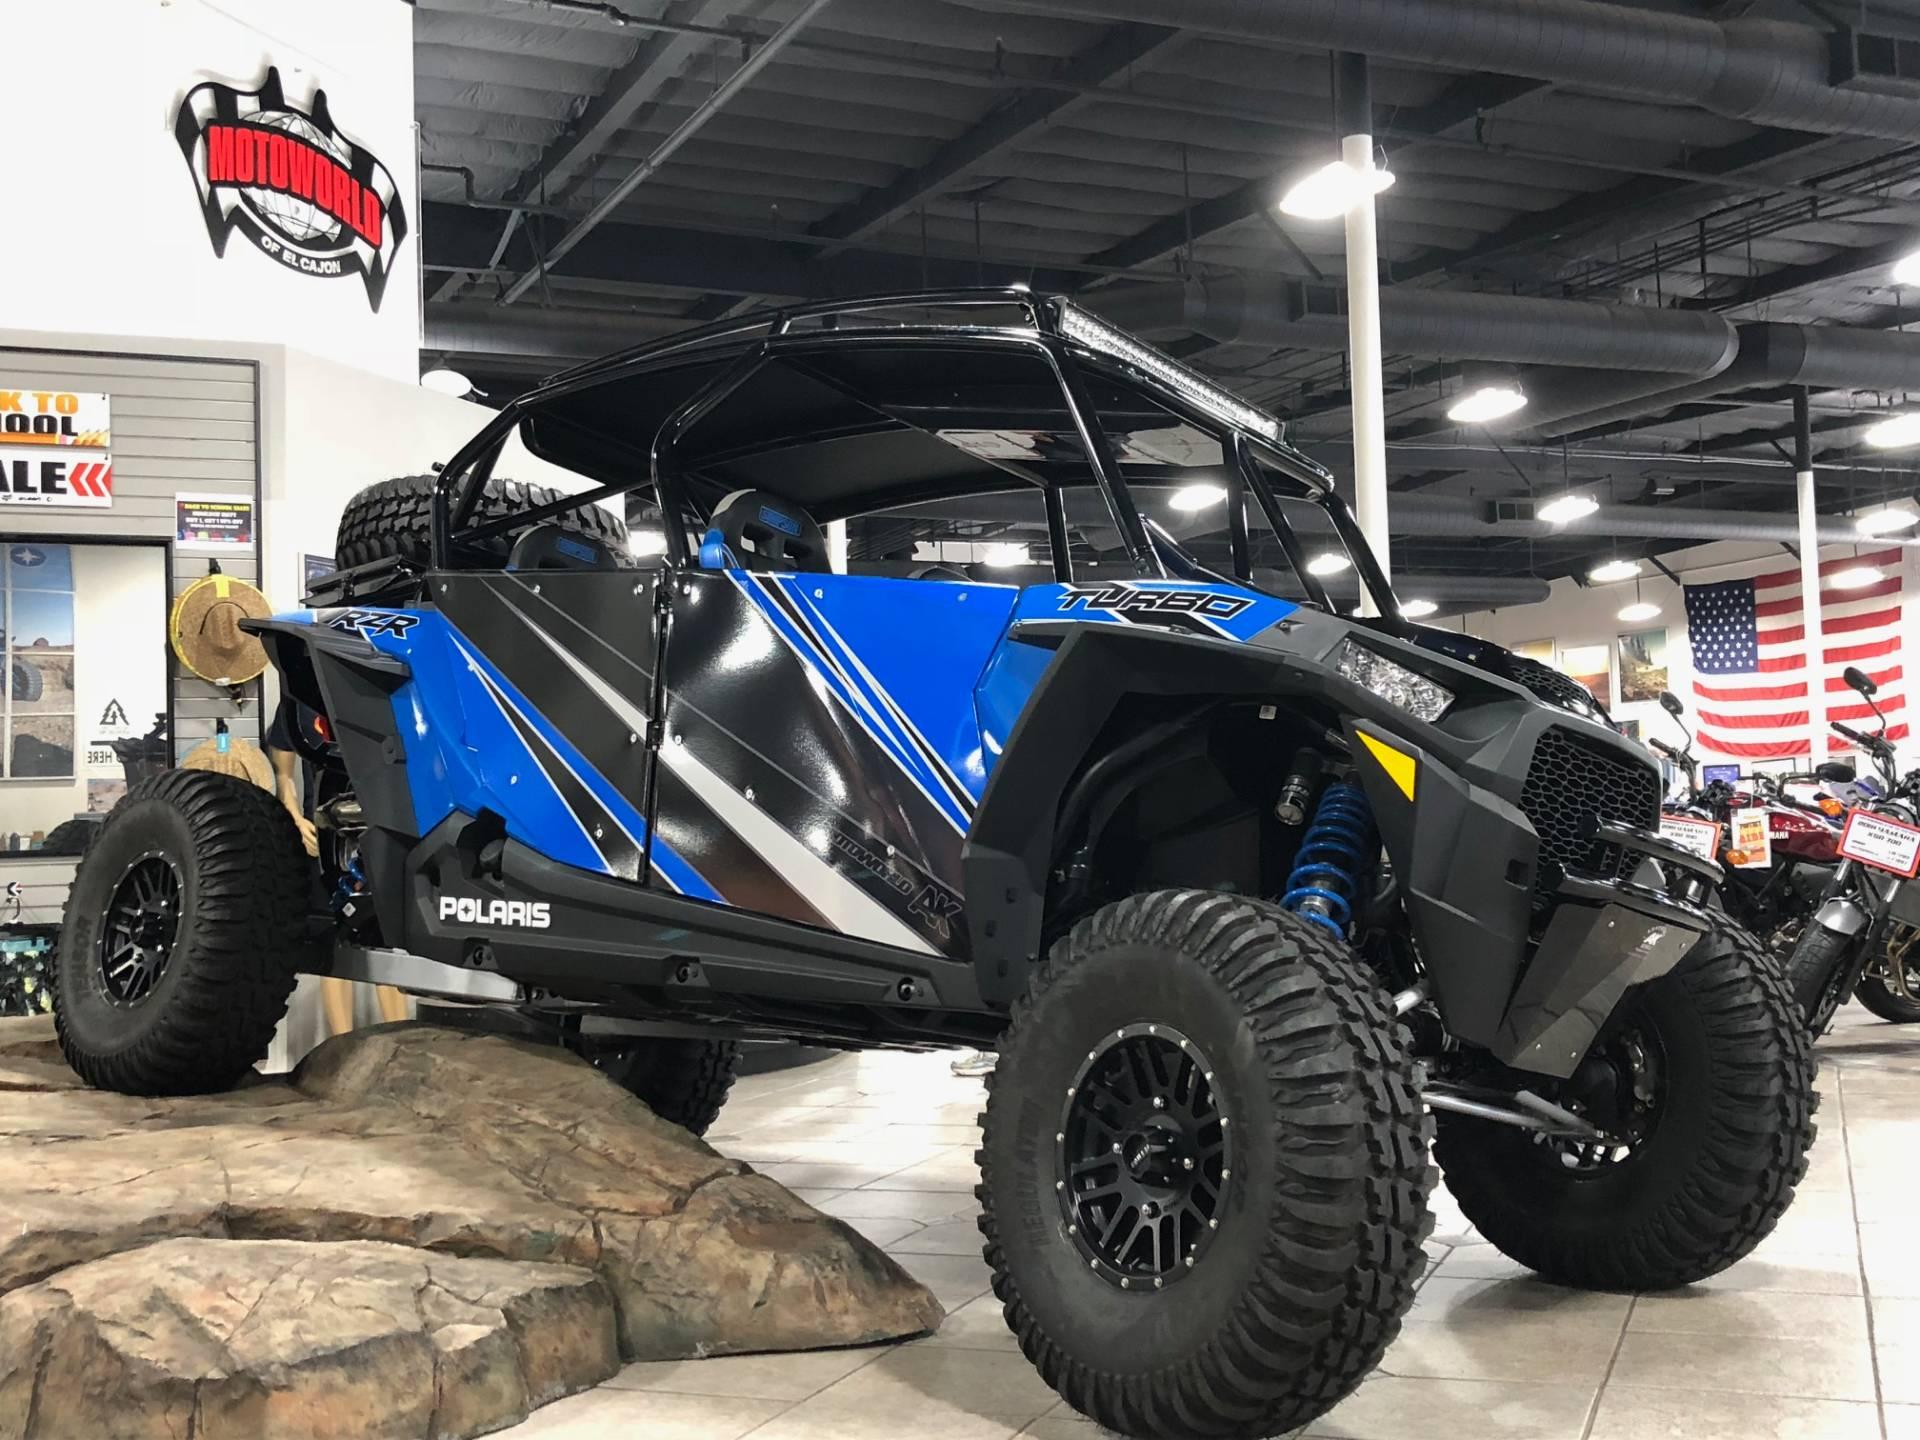 2018 Polaris RZR XP 4 Turbo EPS 1